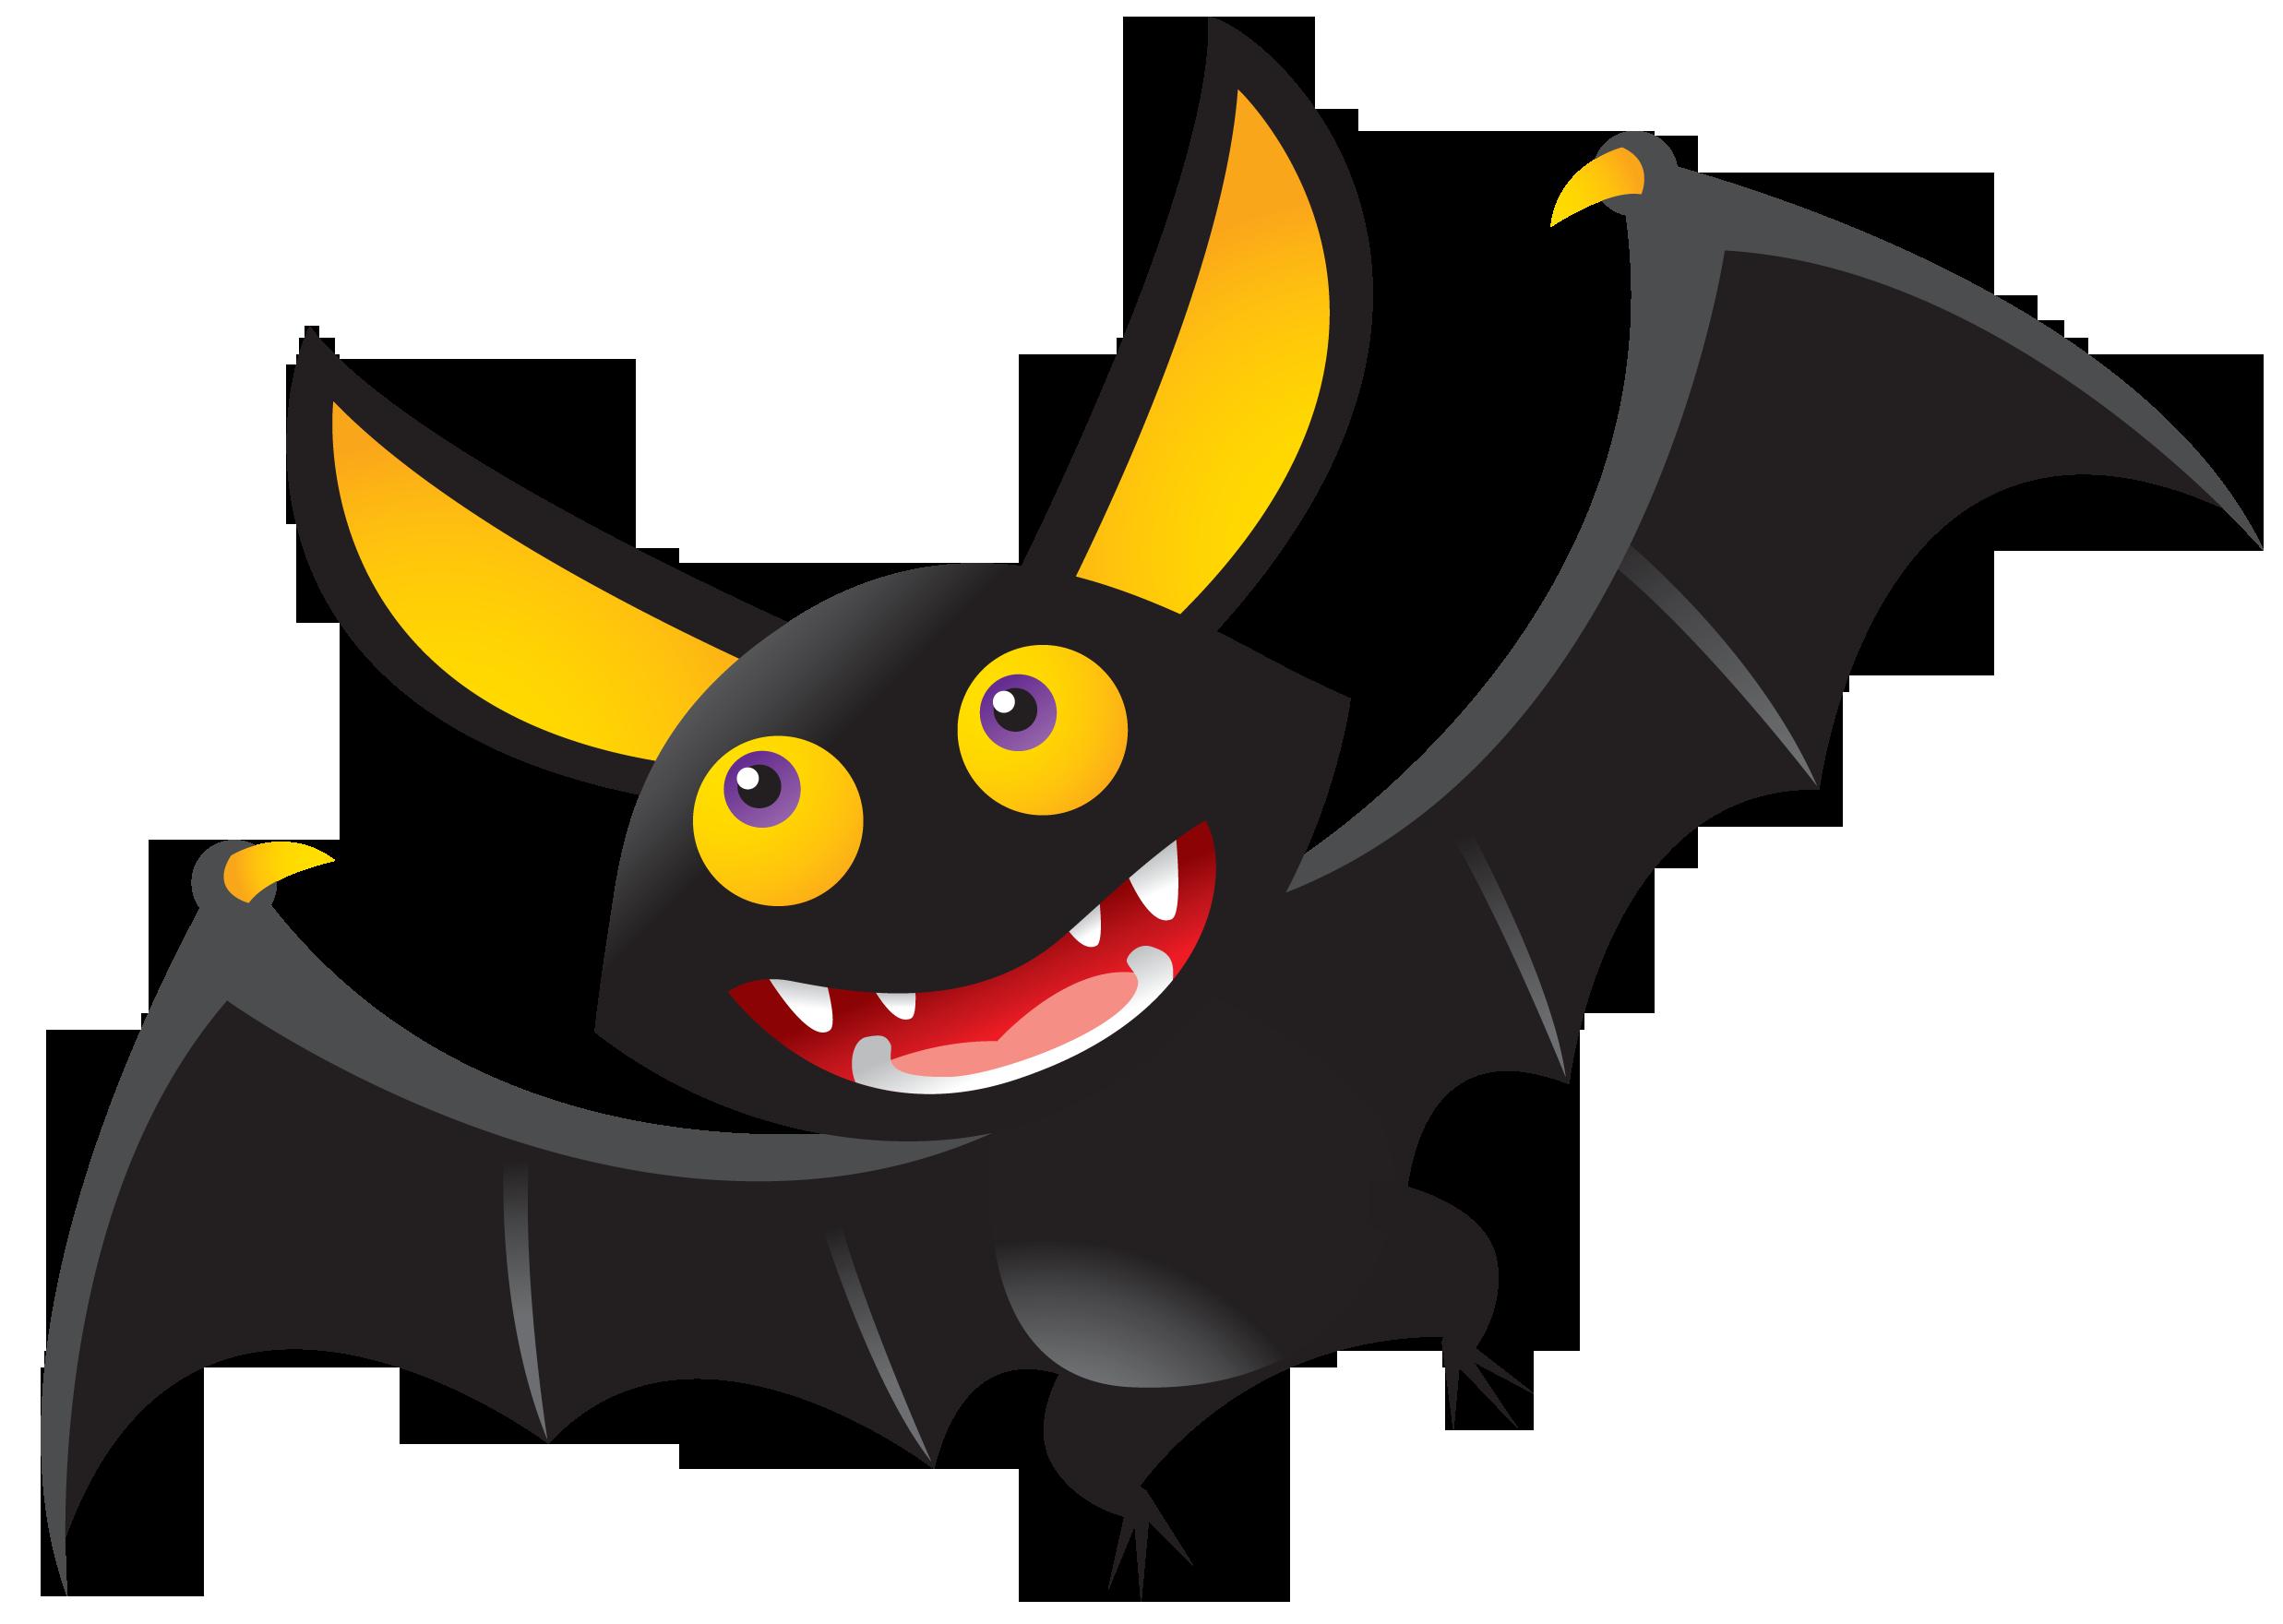 2474x1760 Bat Clipart Free Clipart Images 2